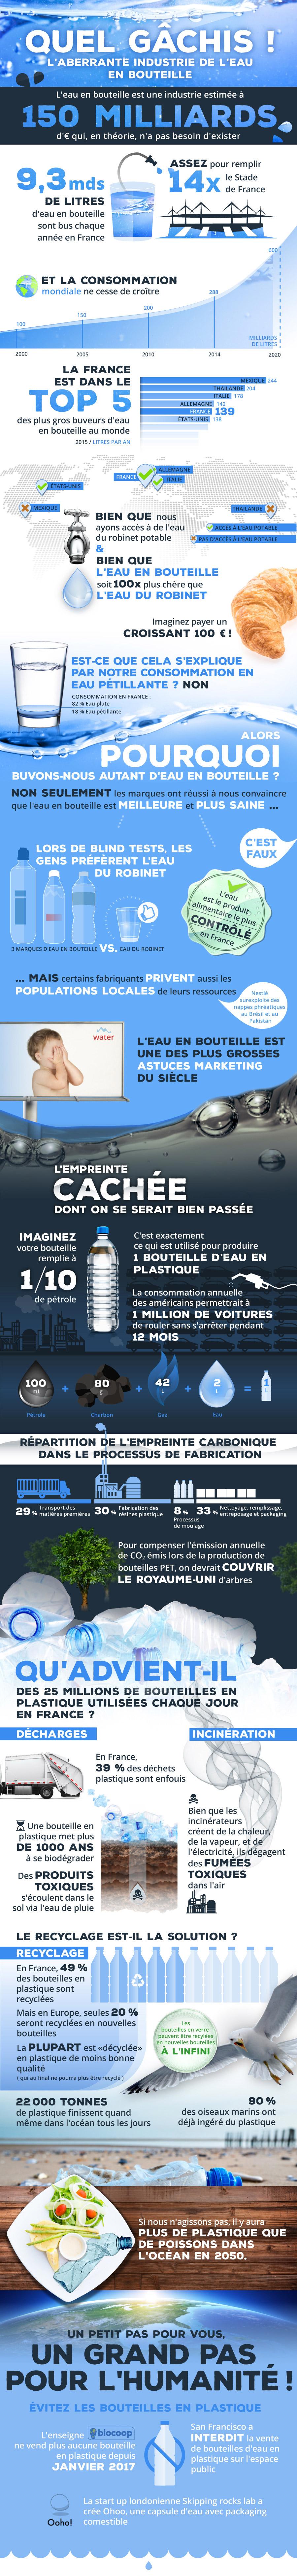 Le gâchis de l'industrie de l'eau en bouteille